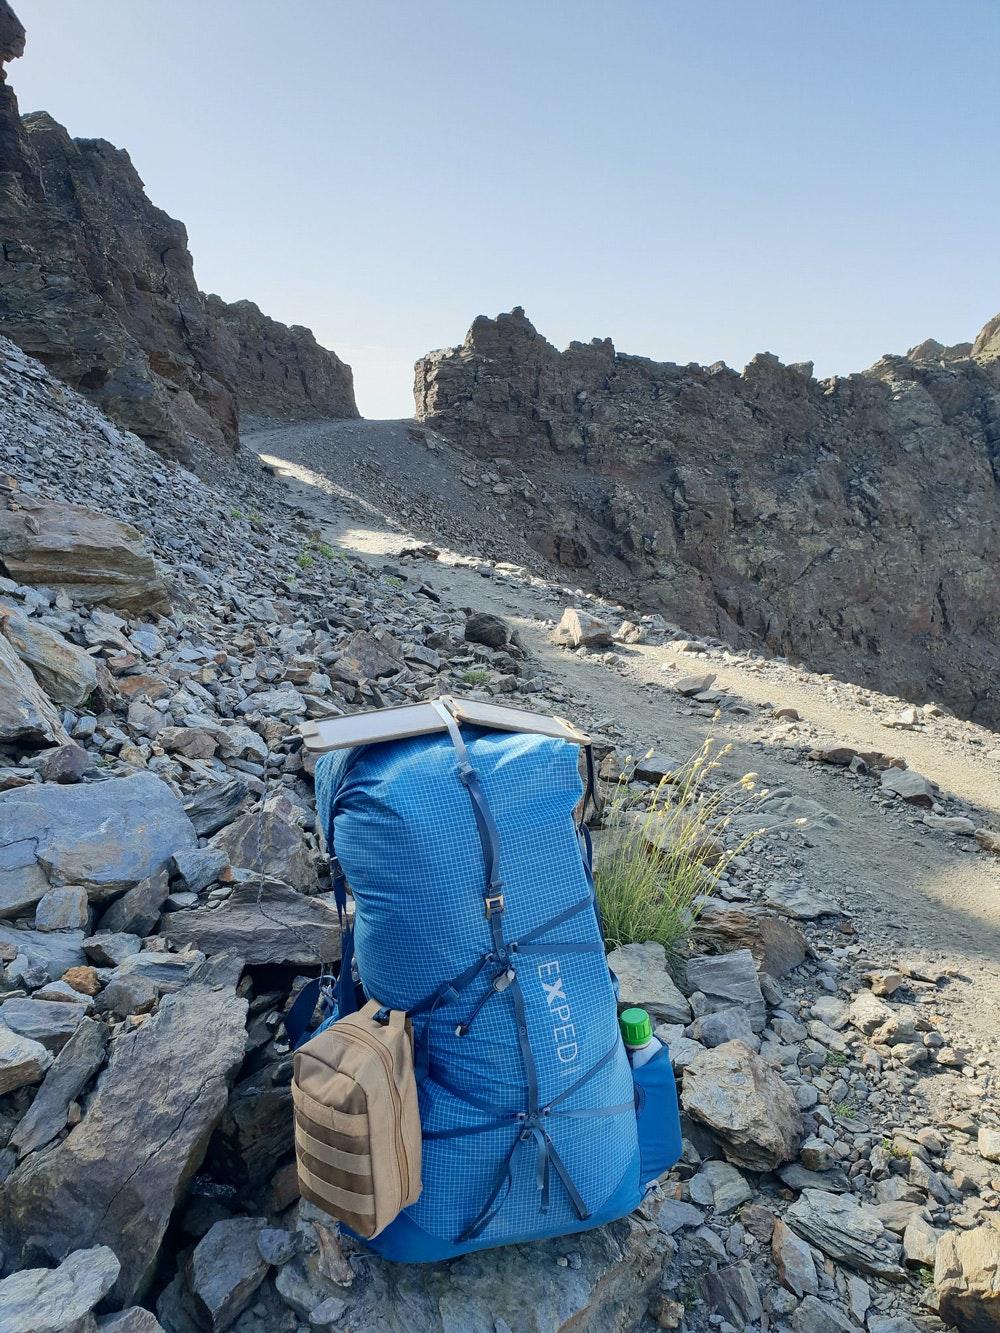 Climbing-Sierra-Nevada-Mountains-In-Spain